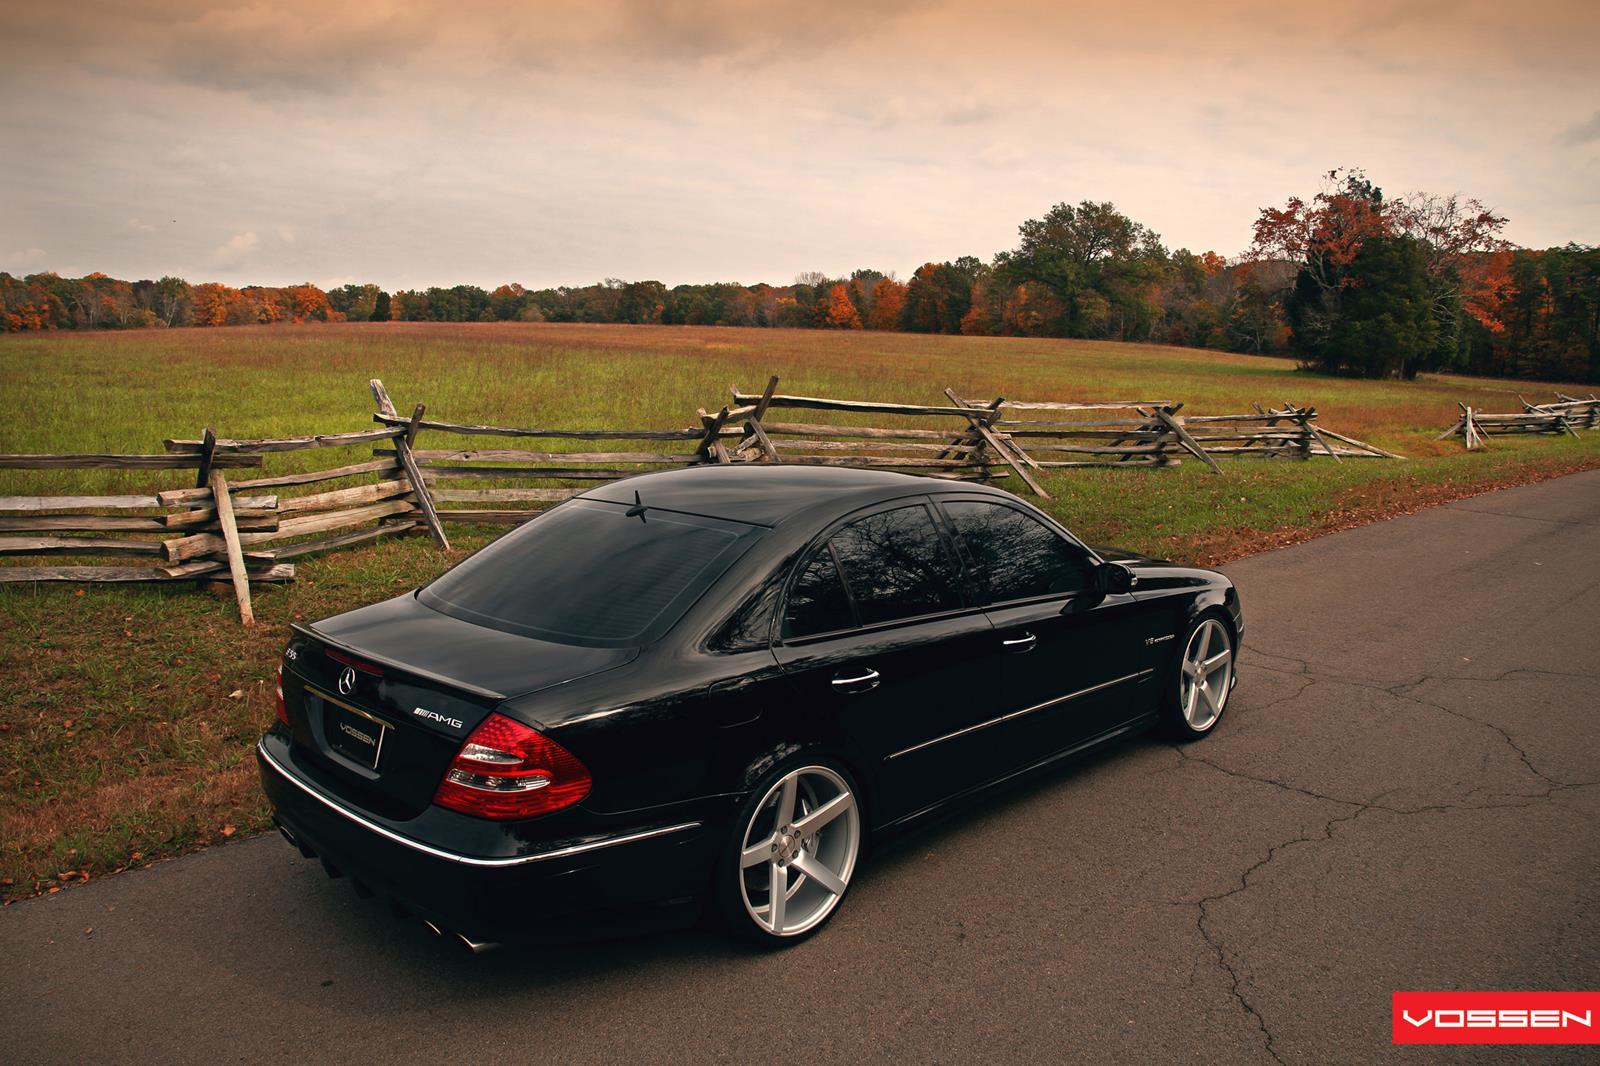 Mercedes benz e class vossen cv3r vossen wheels for Voss mercedes benz